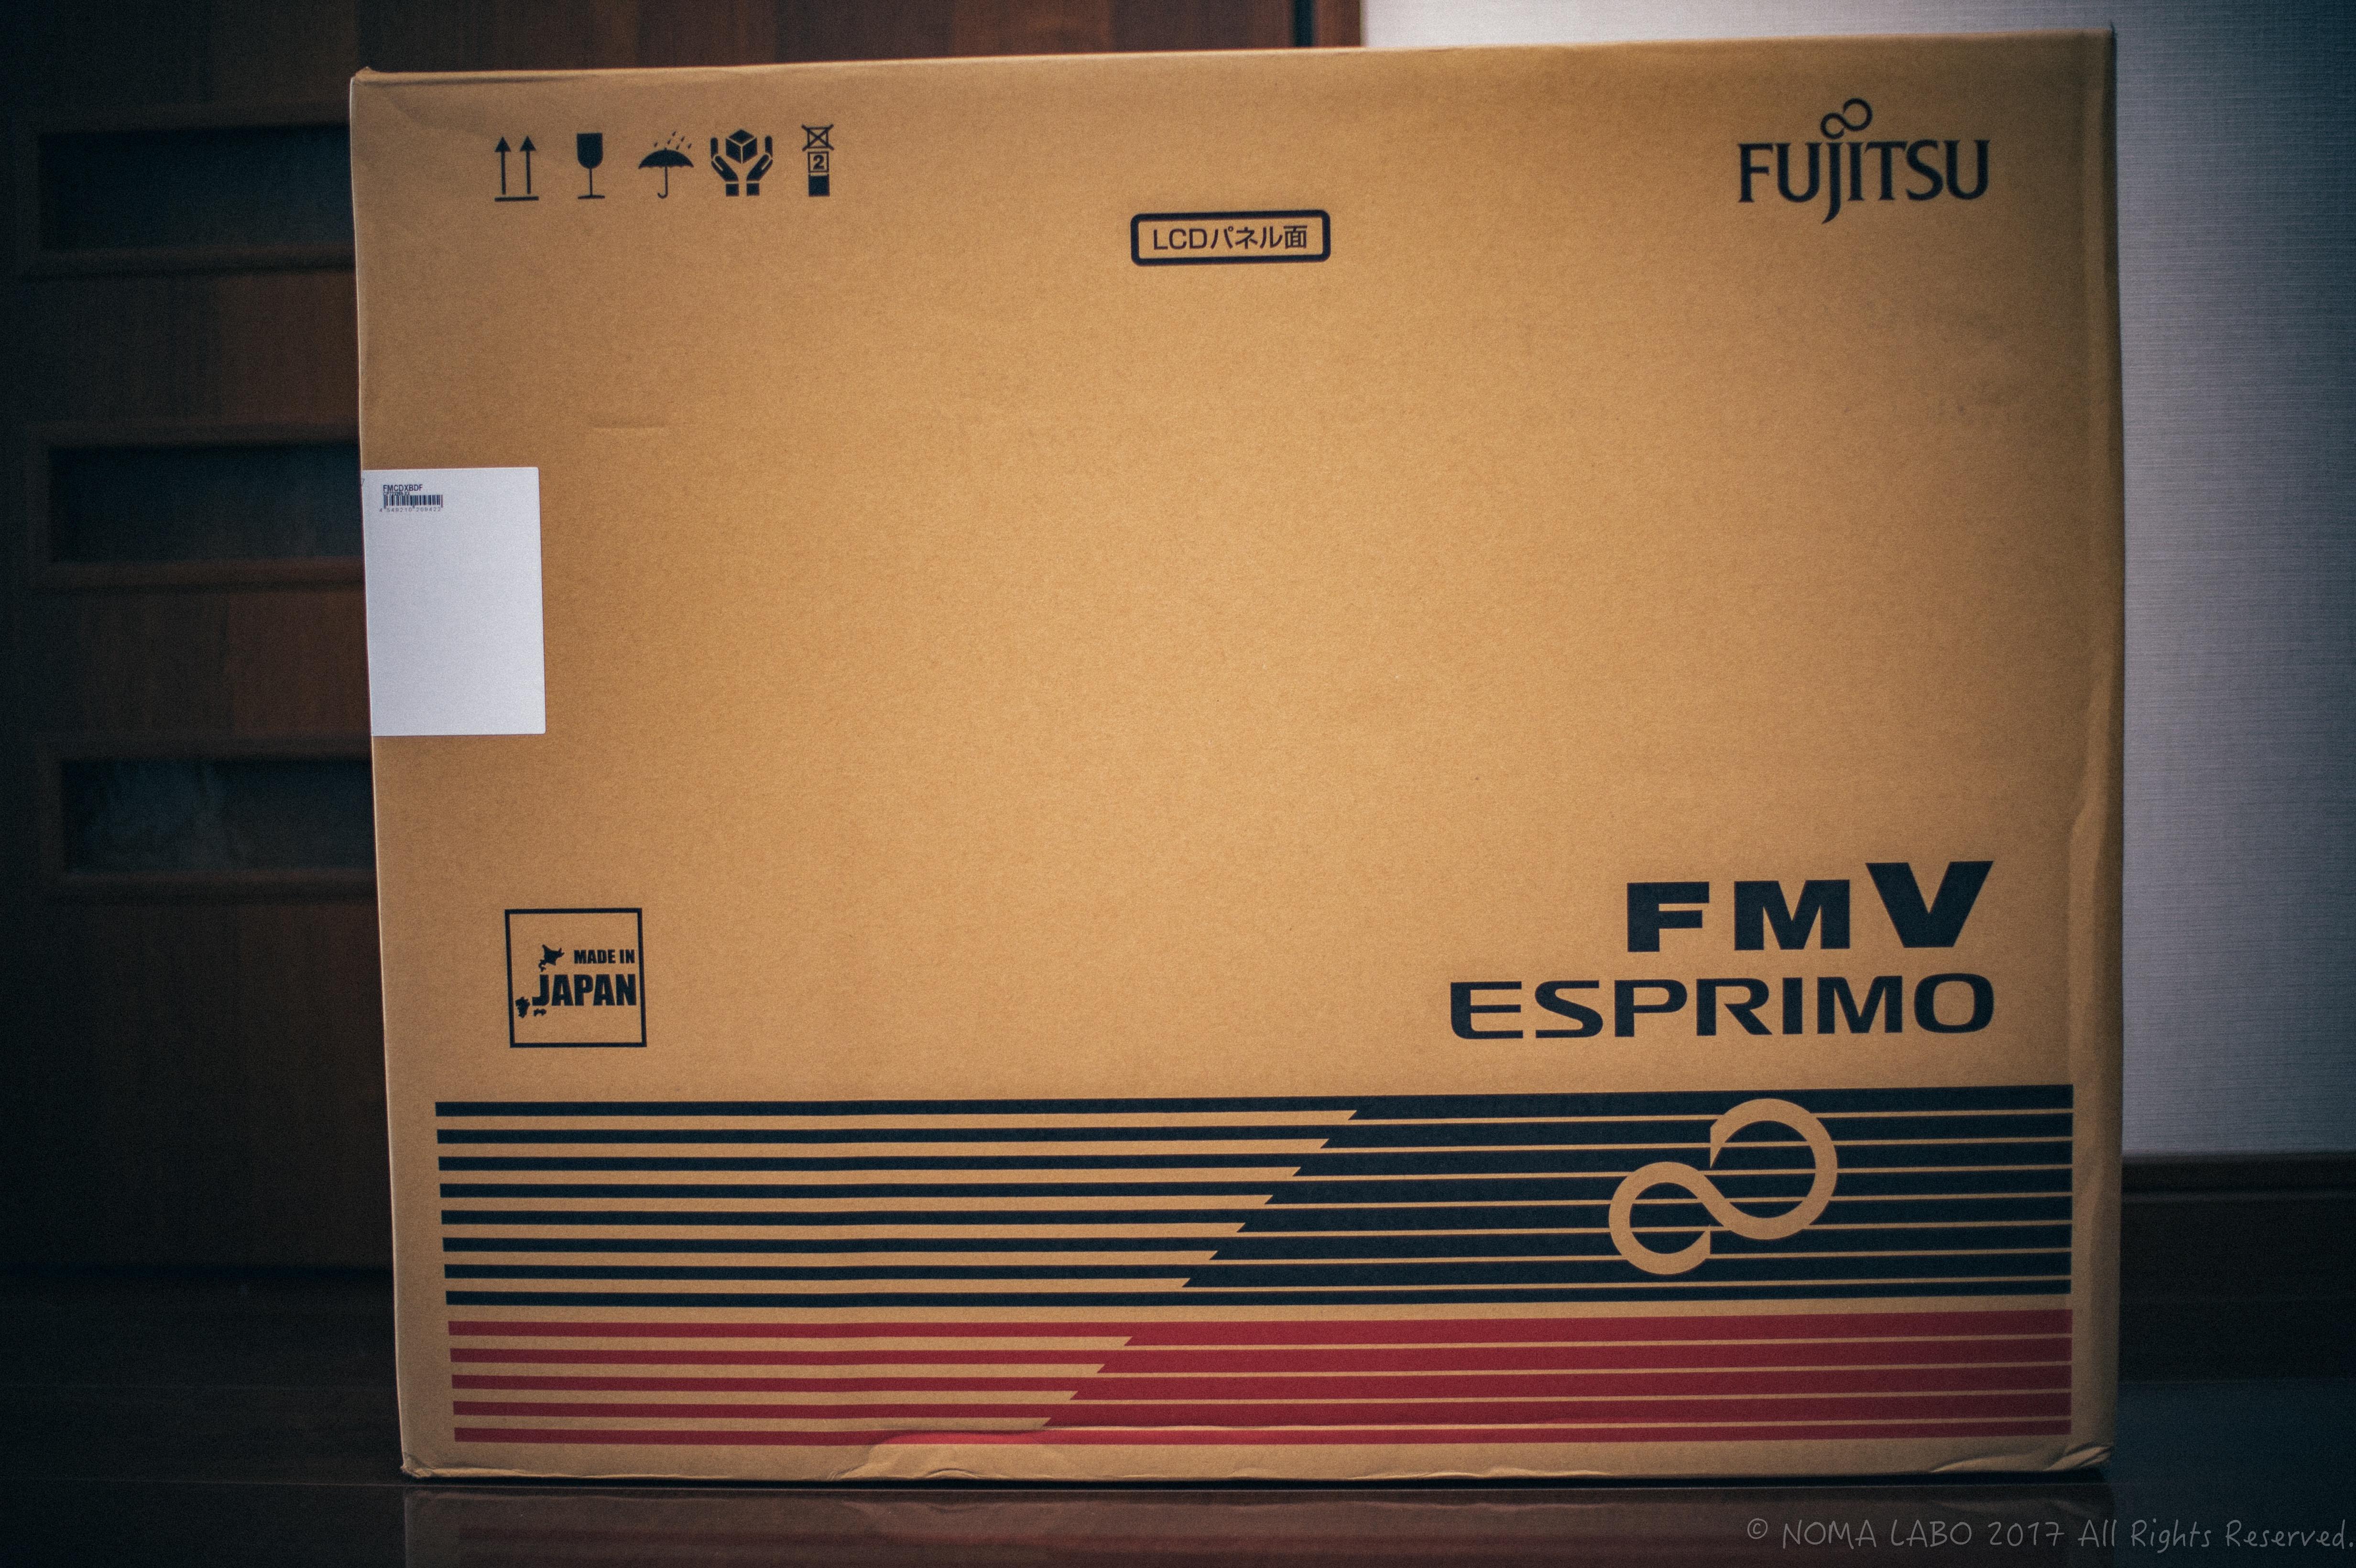 FUJITSU FMV ESPRIMO WF2/A3